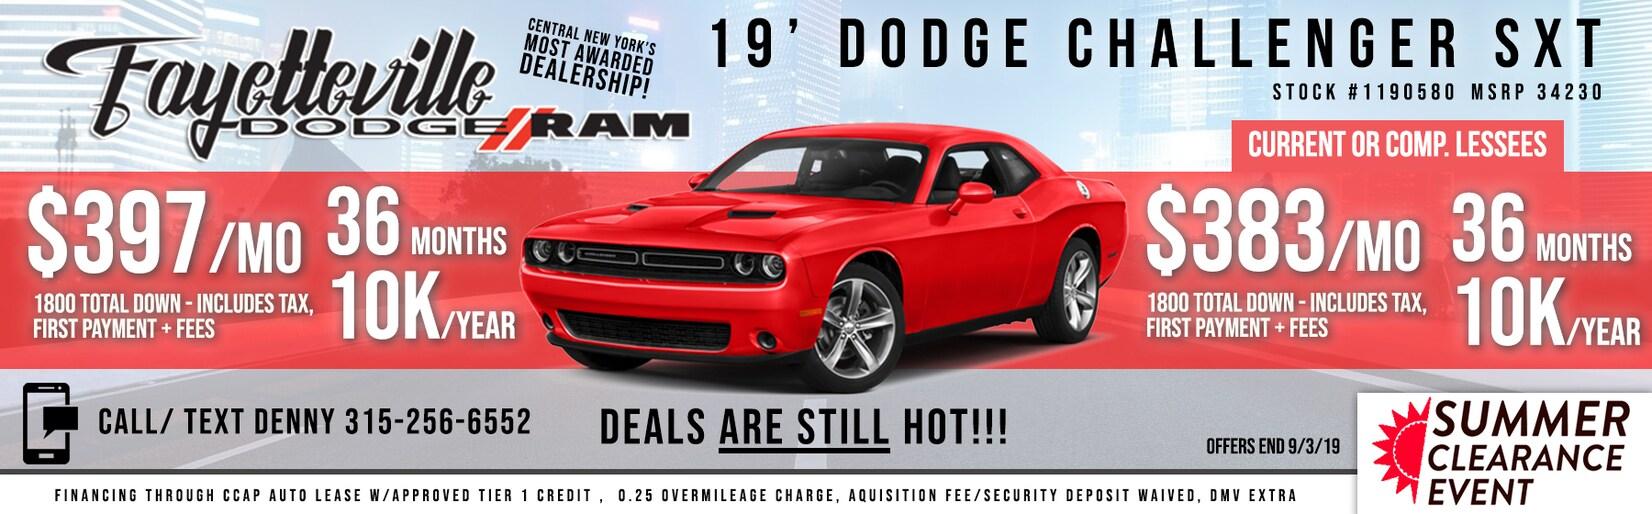 Dodge, Ram & Used Car Dealership at Fayetteville Dodge Ram